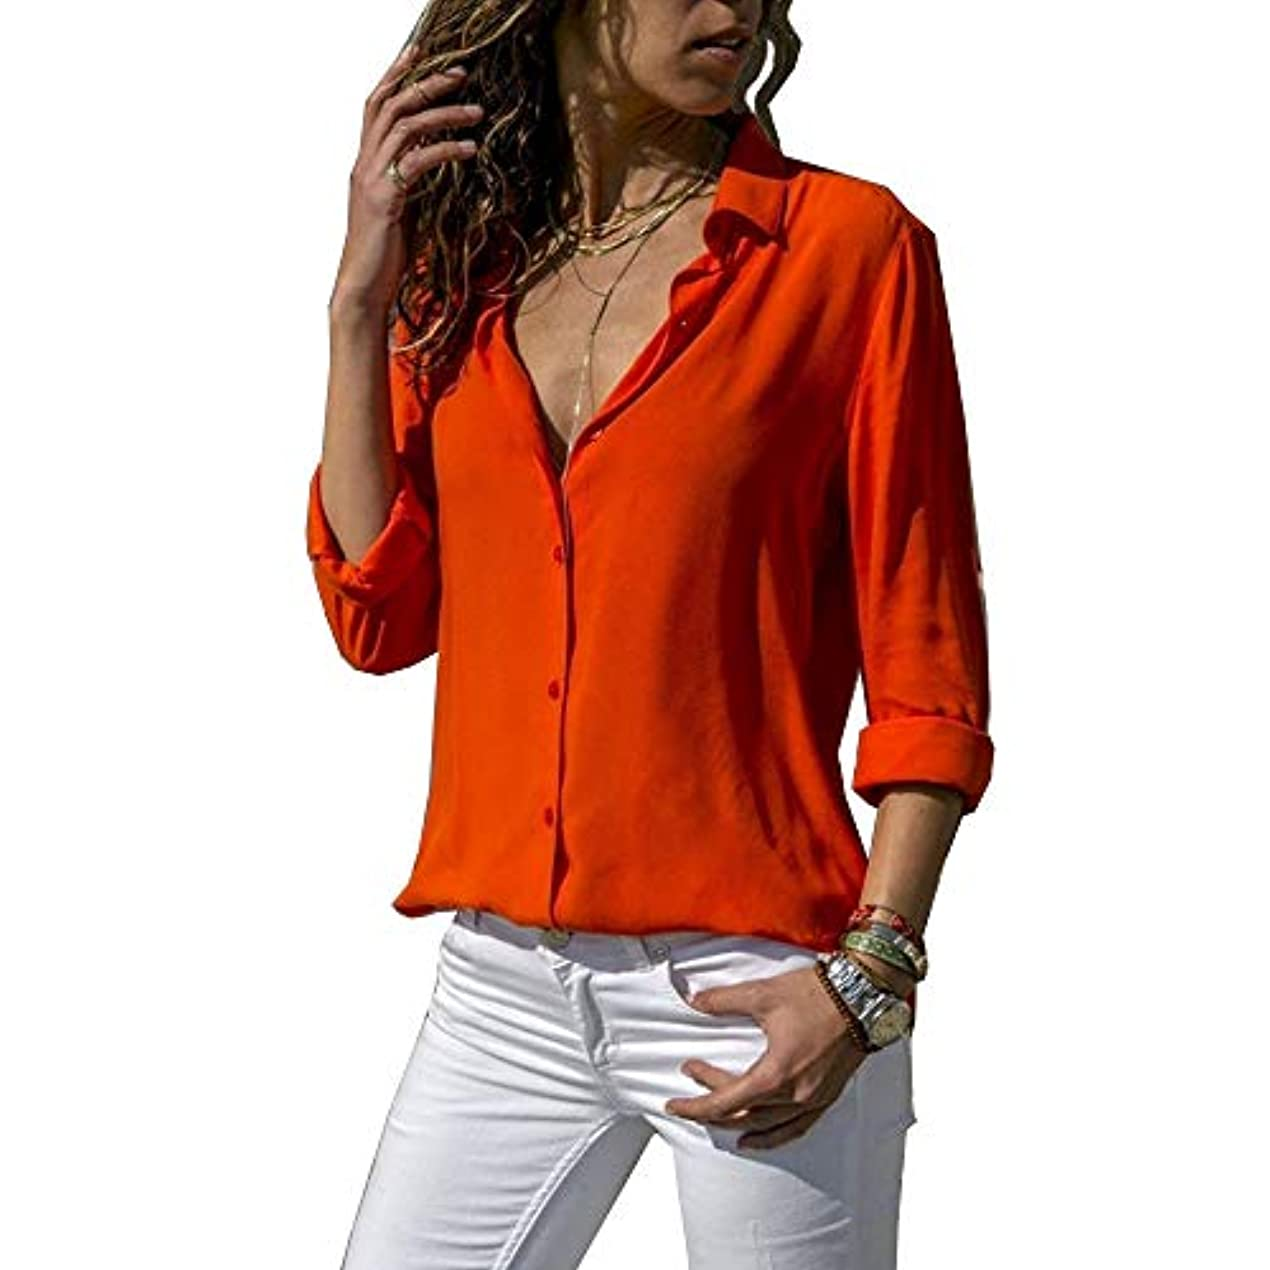 兵隊謝罪許さないMIFAN ルーズシャツ、トップス&Tシャツ、プラスサイズ、トップス&ブラウス、シフォンブラウス、女性トップス、シフォンシャツ